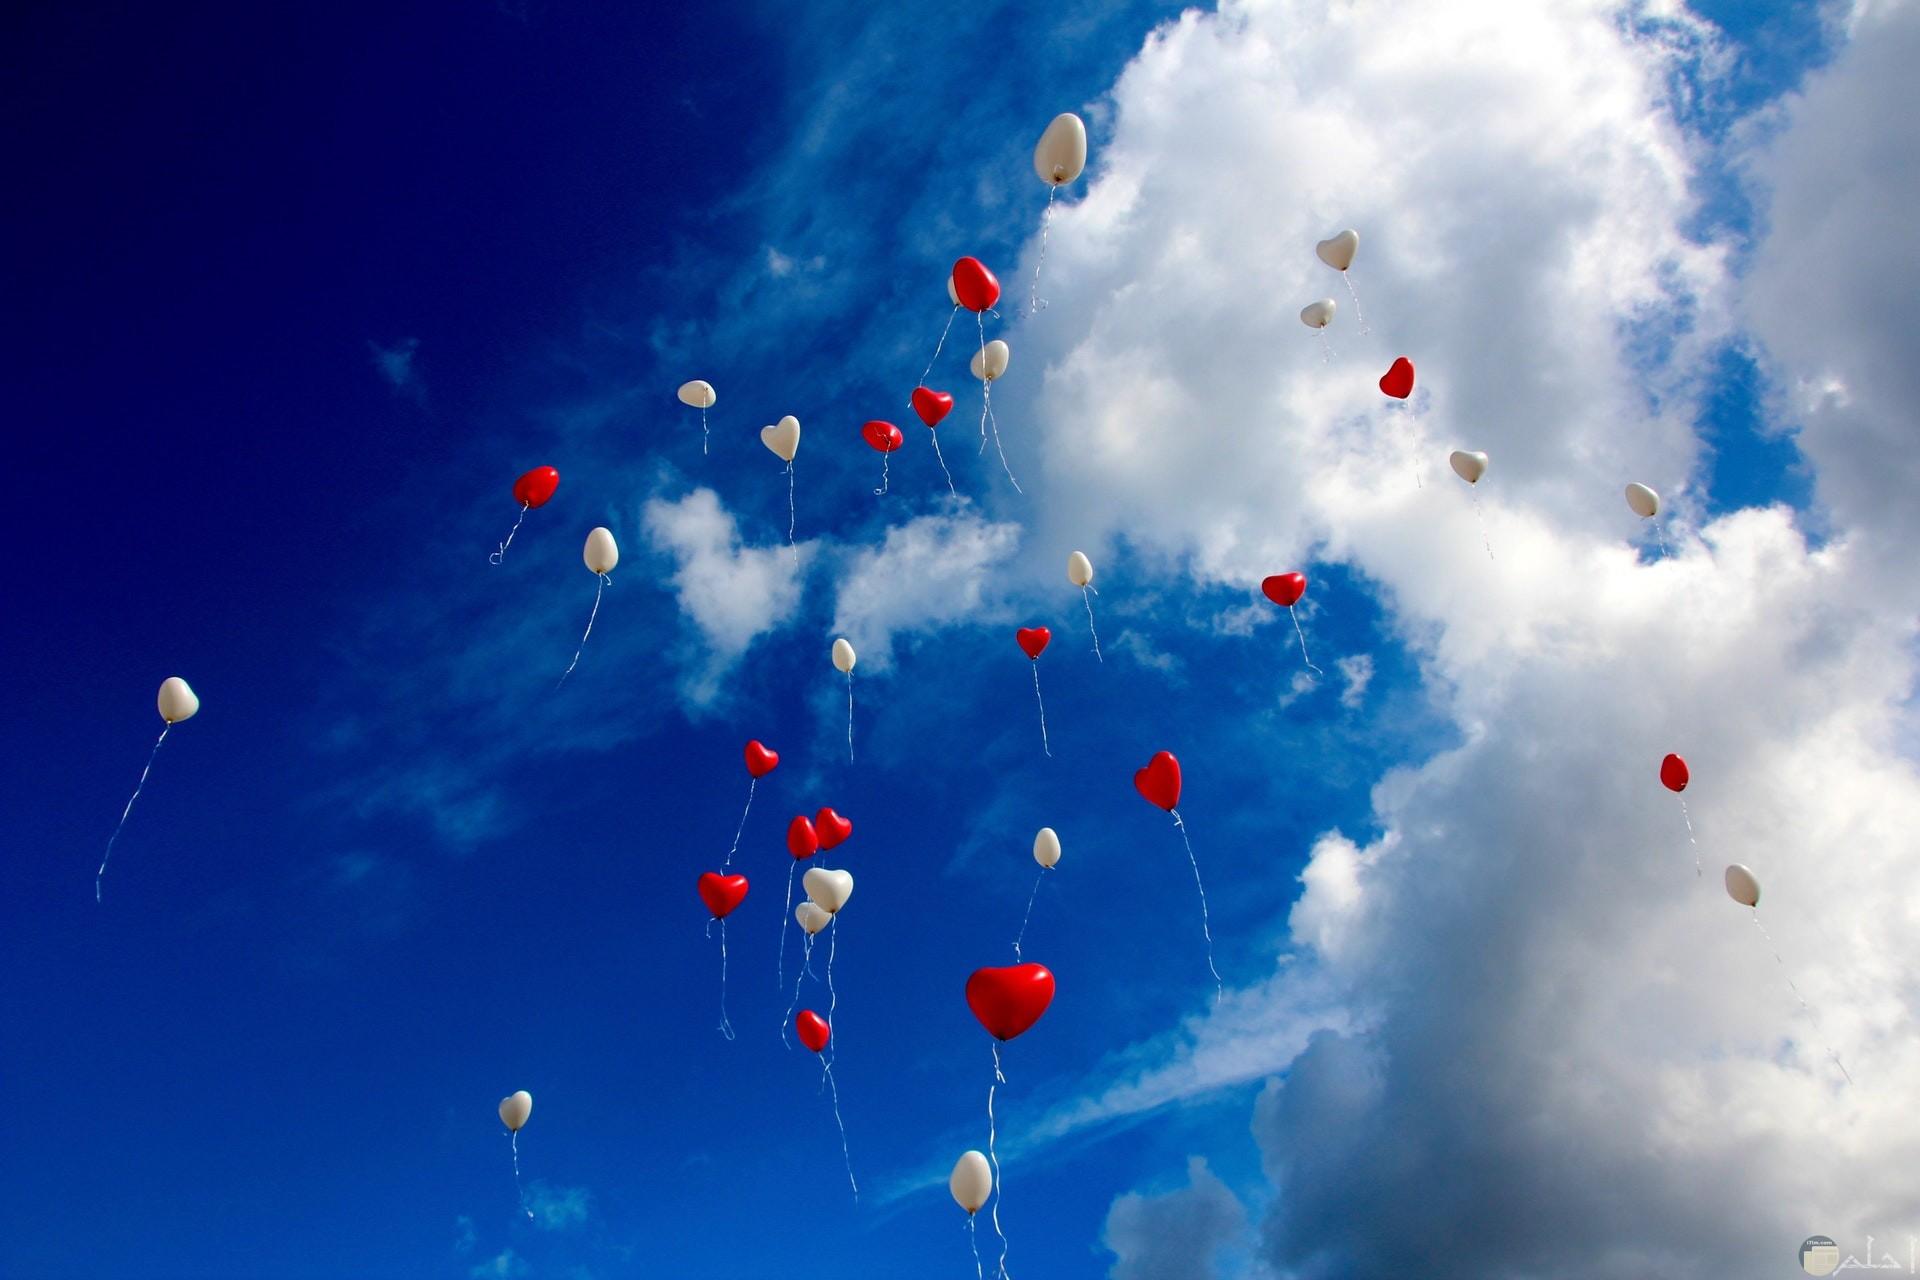 صورة مميزة لبالونات علي شكل قلوب حمراء وبيضاء تطير بالسماء